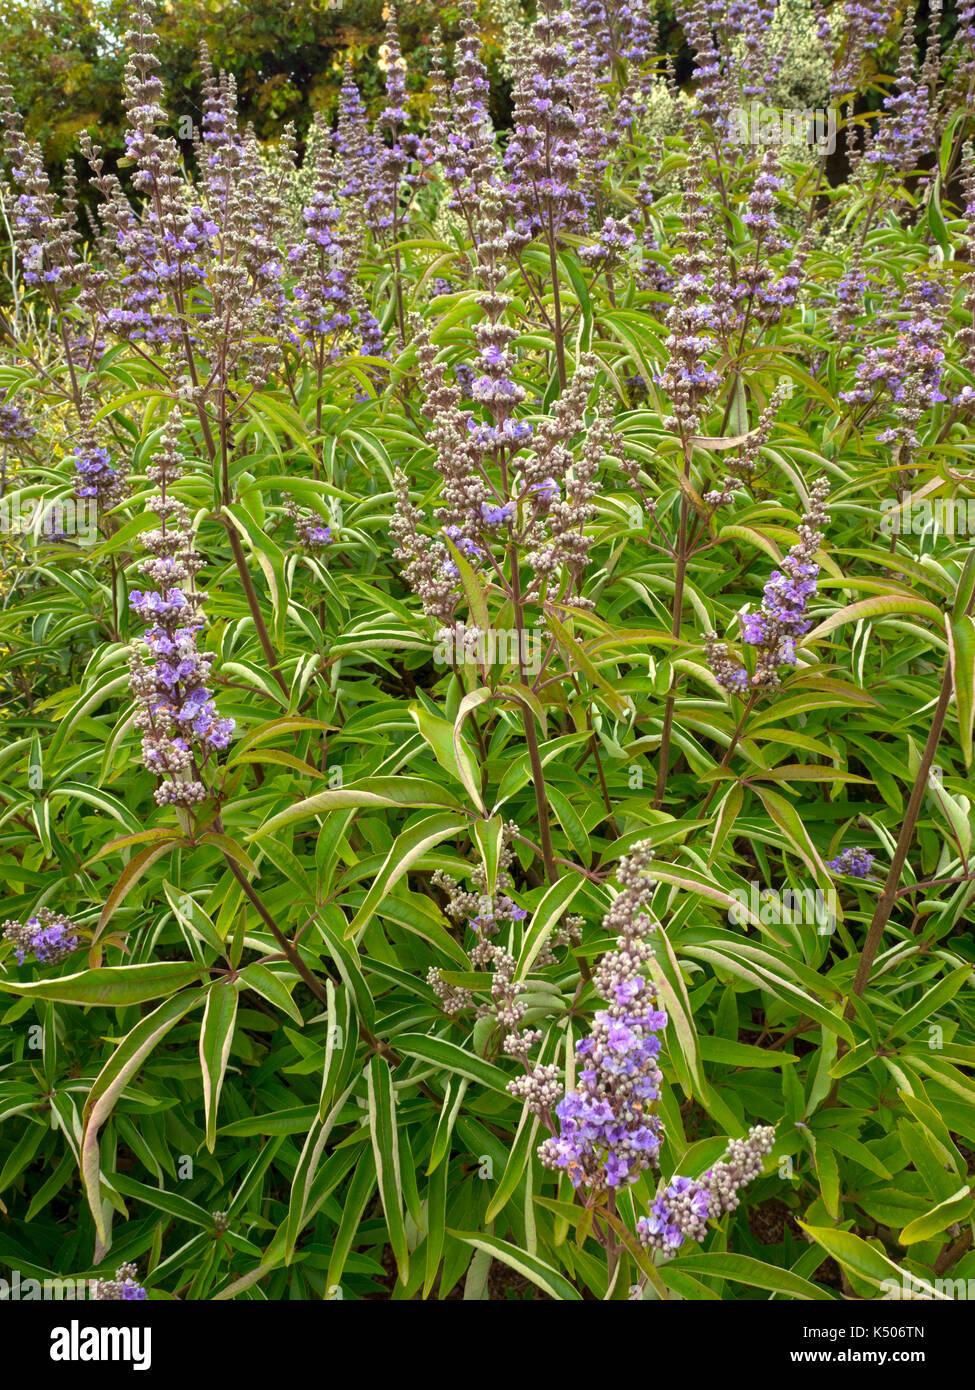 Flowers of Vitex agnus-castus Broad-leaved chaste tree Stock Photo